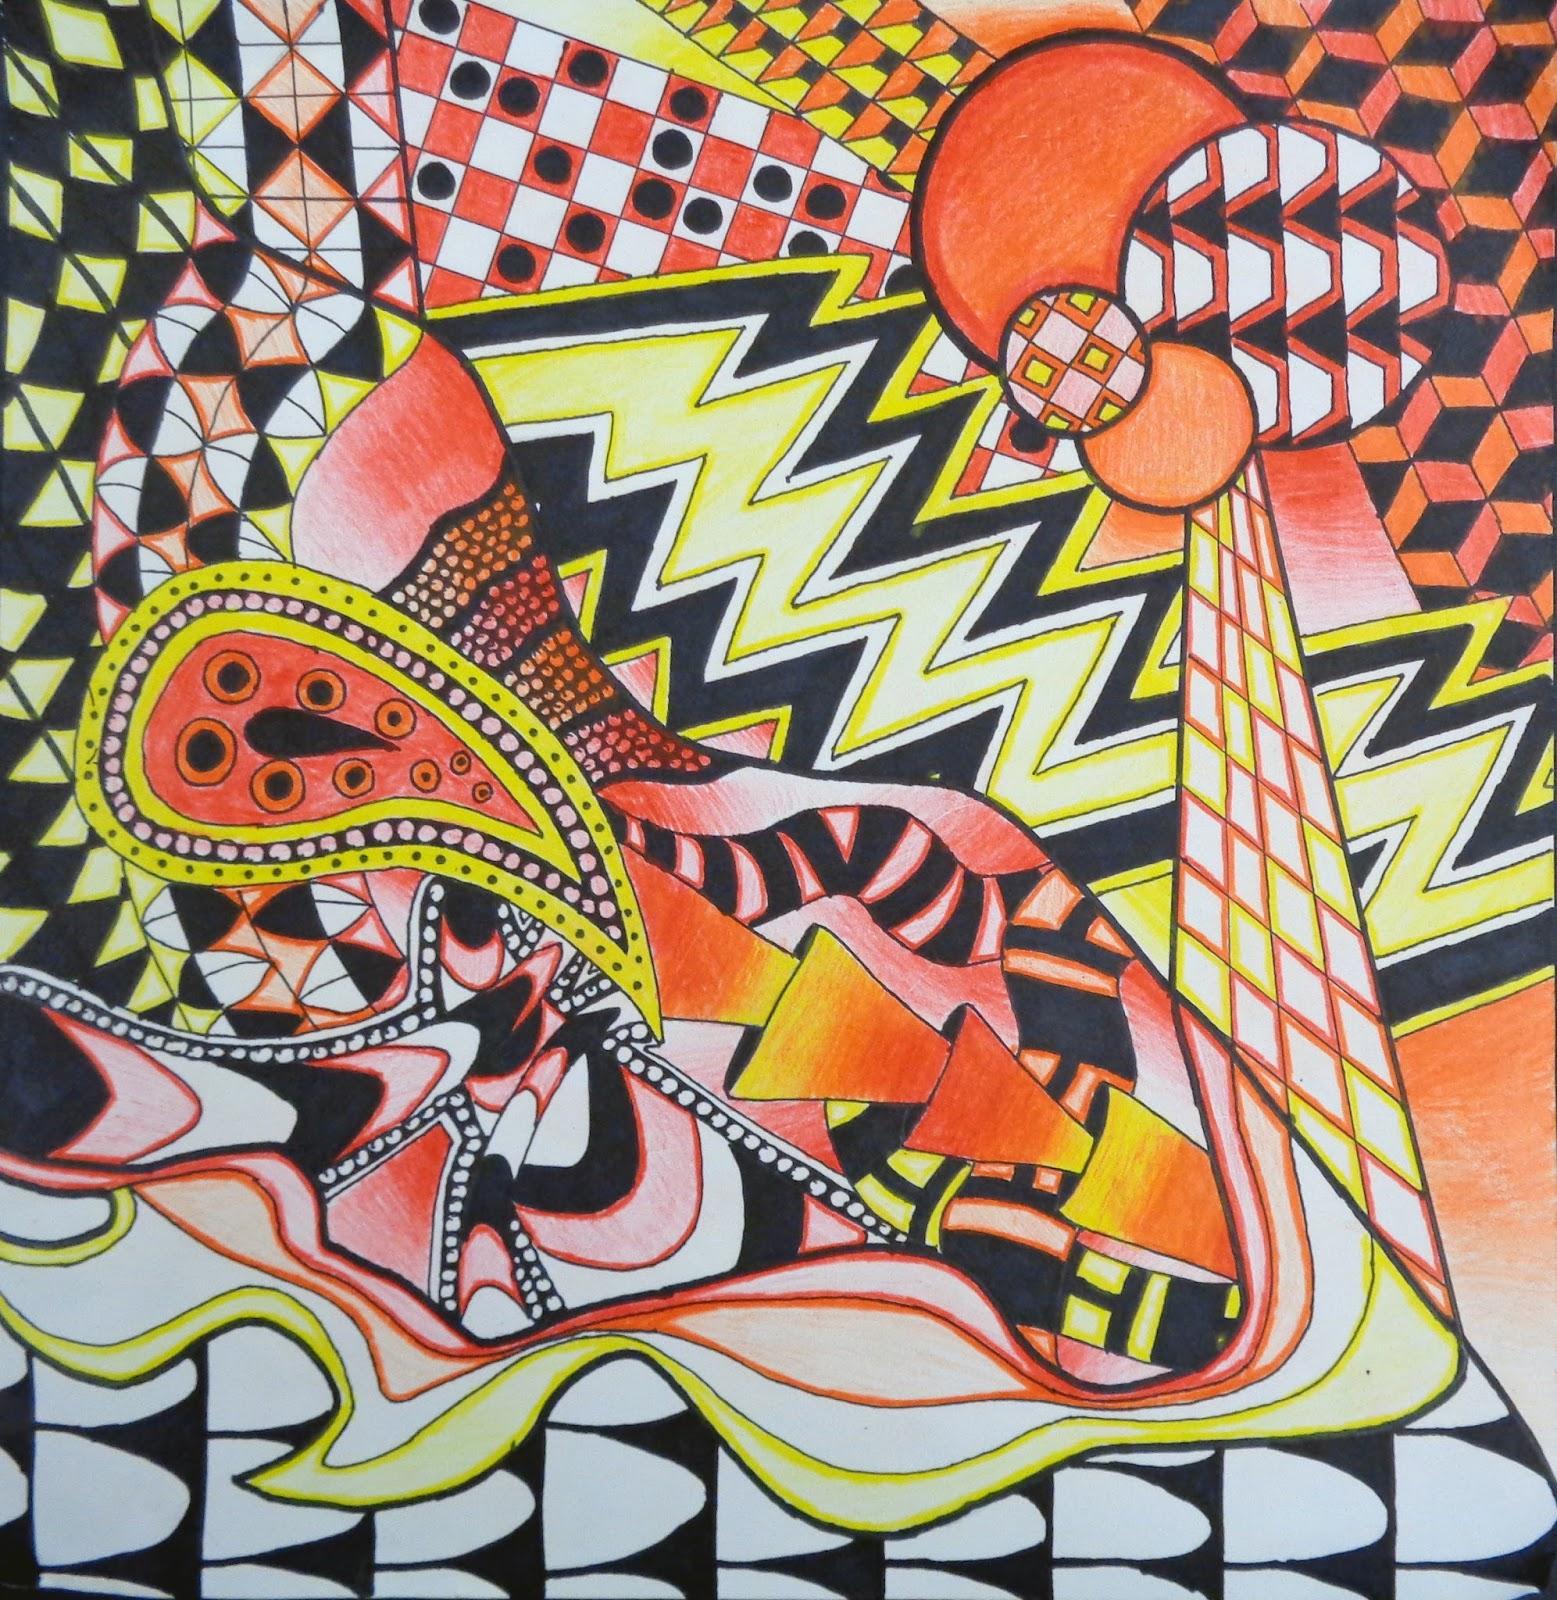 Hudsonville Art Program Zentangle Non Objective Project